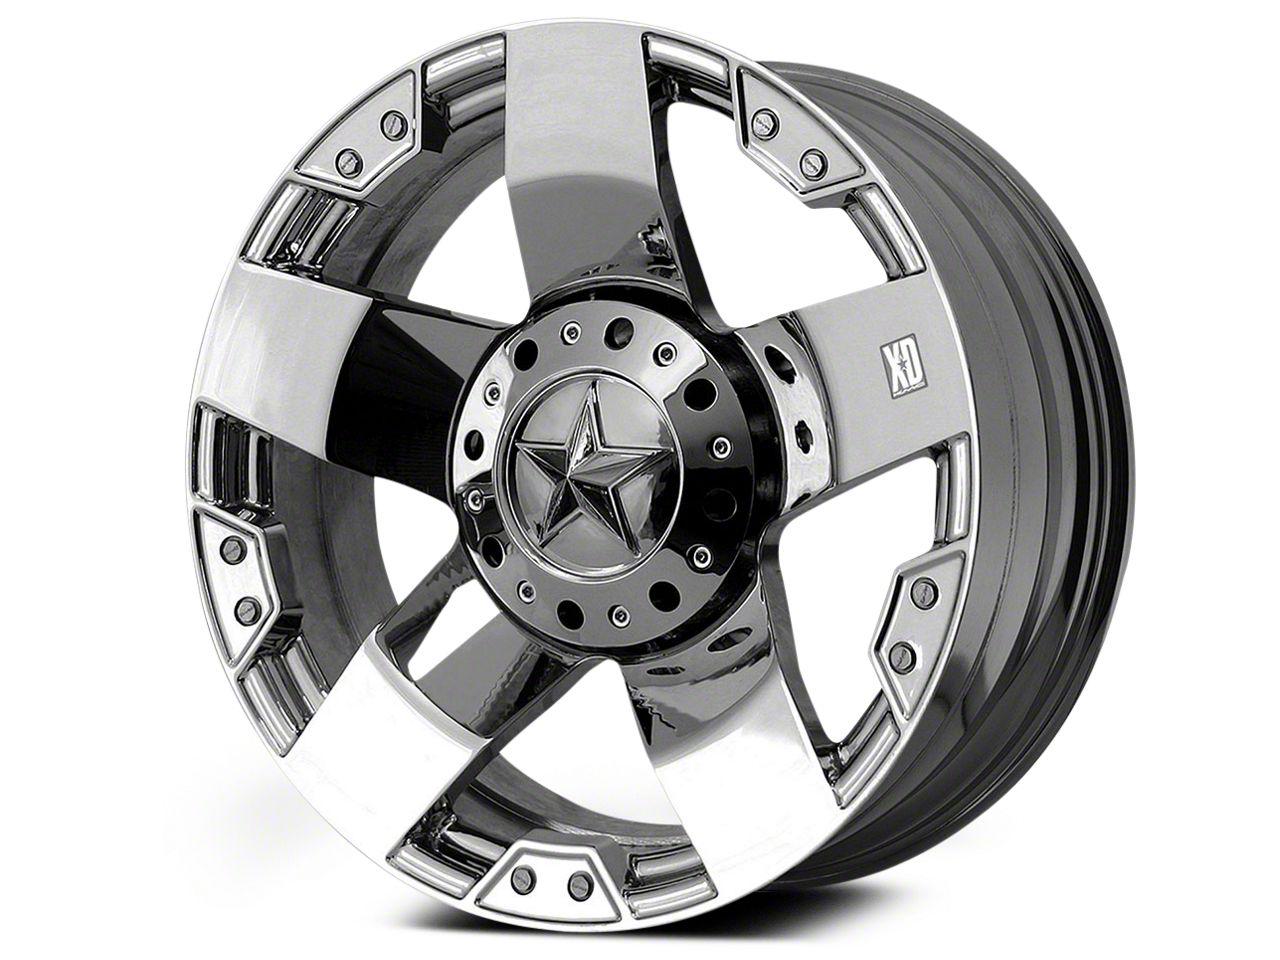 Rockstar XD775 Chrome 6-Lug Wheel - 22x9.5 (04-18 F-150)